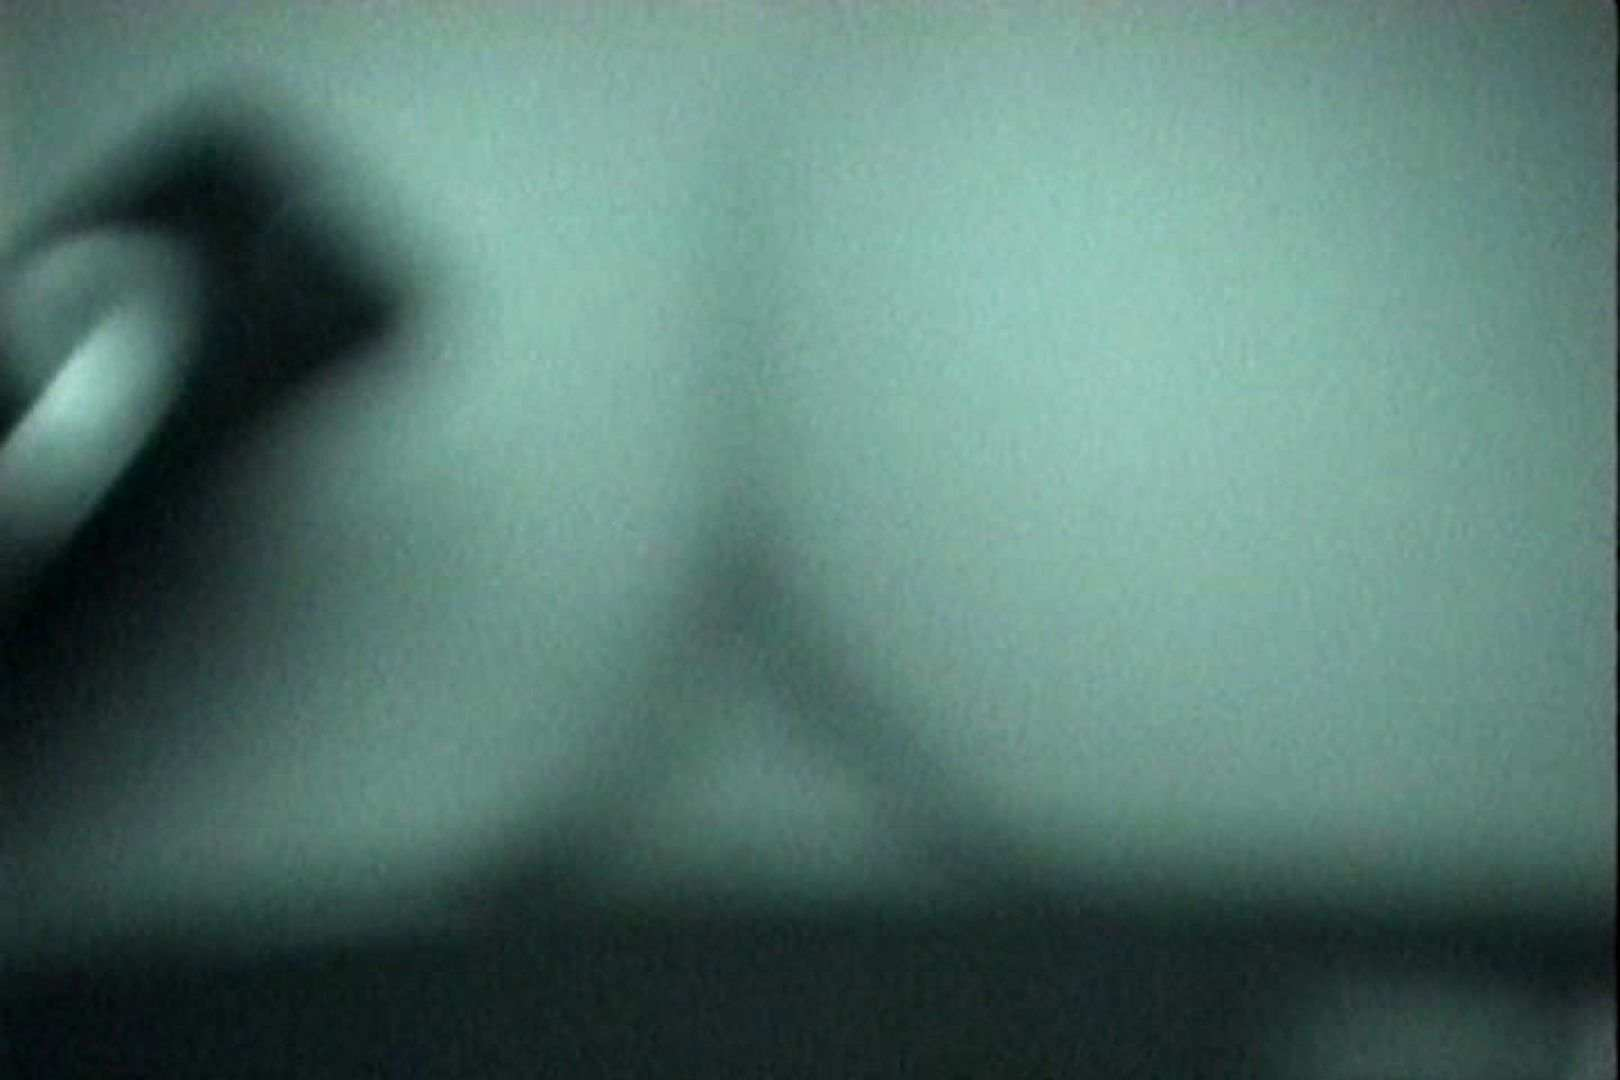 充血監督の深夜の運動会Vol.143 OLヌード天国 ぱこり動画紹介 51PIX 20